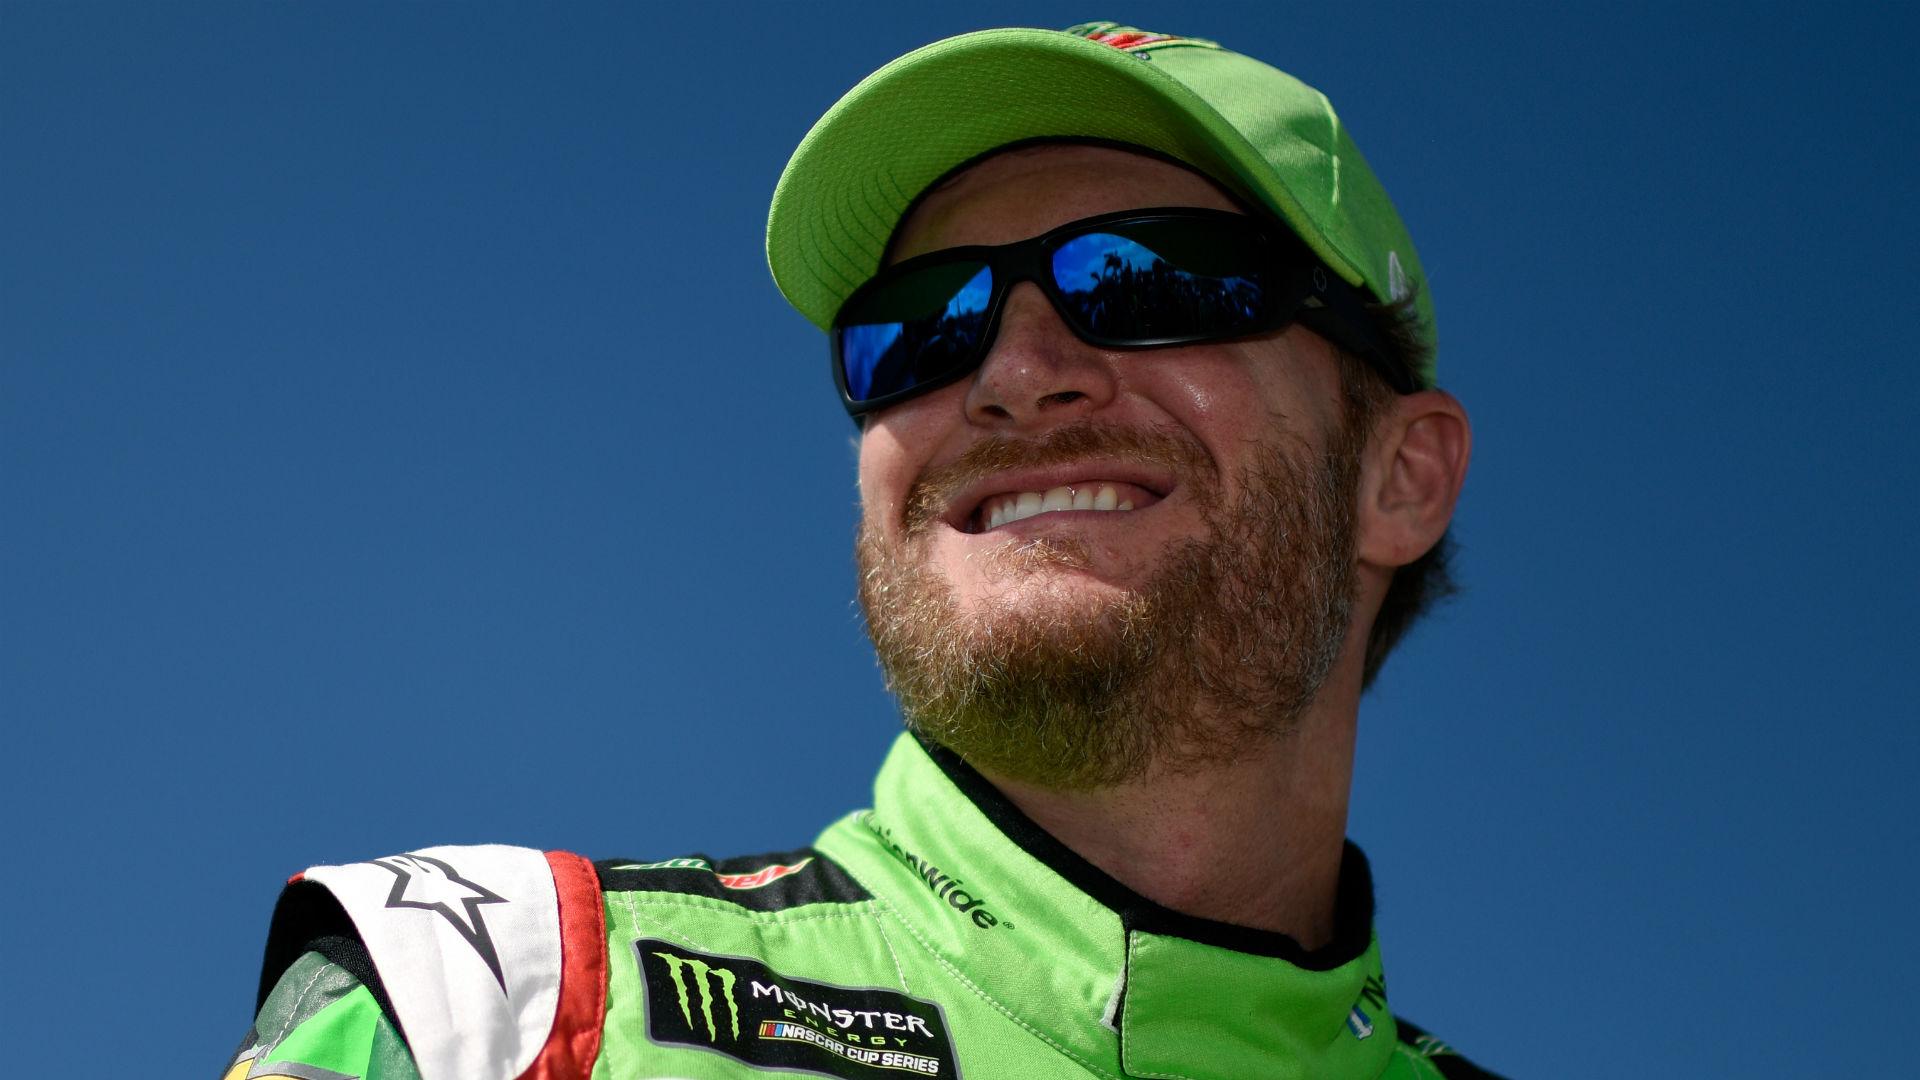 Dale Earnhardt Jr. named grand marshal for 2018 Daytona 500